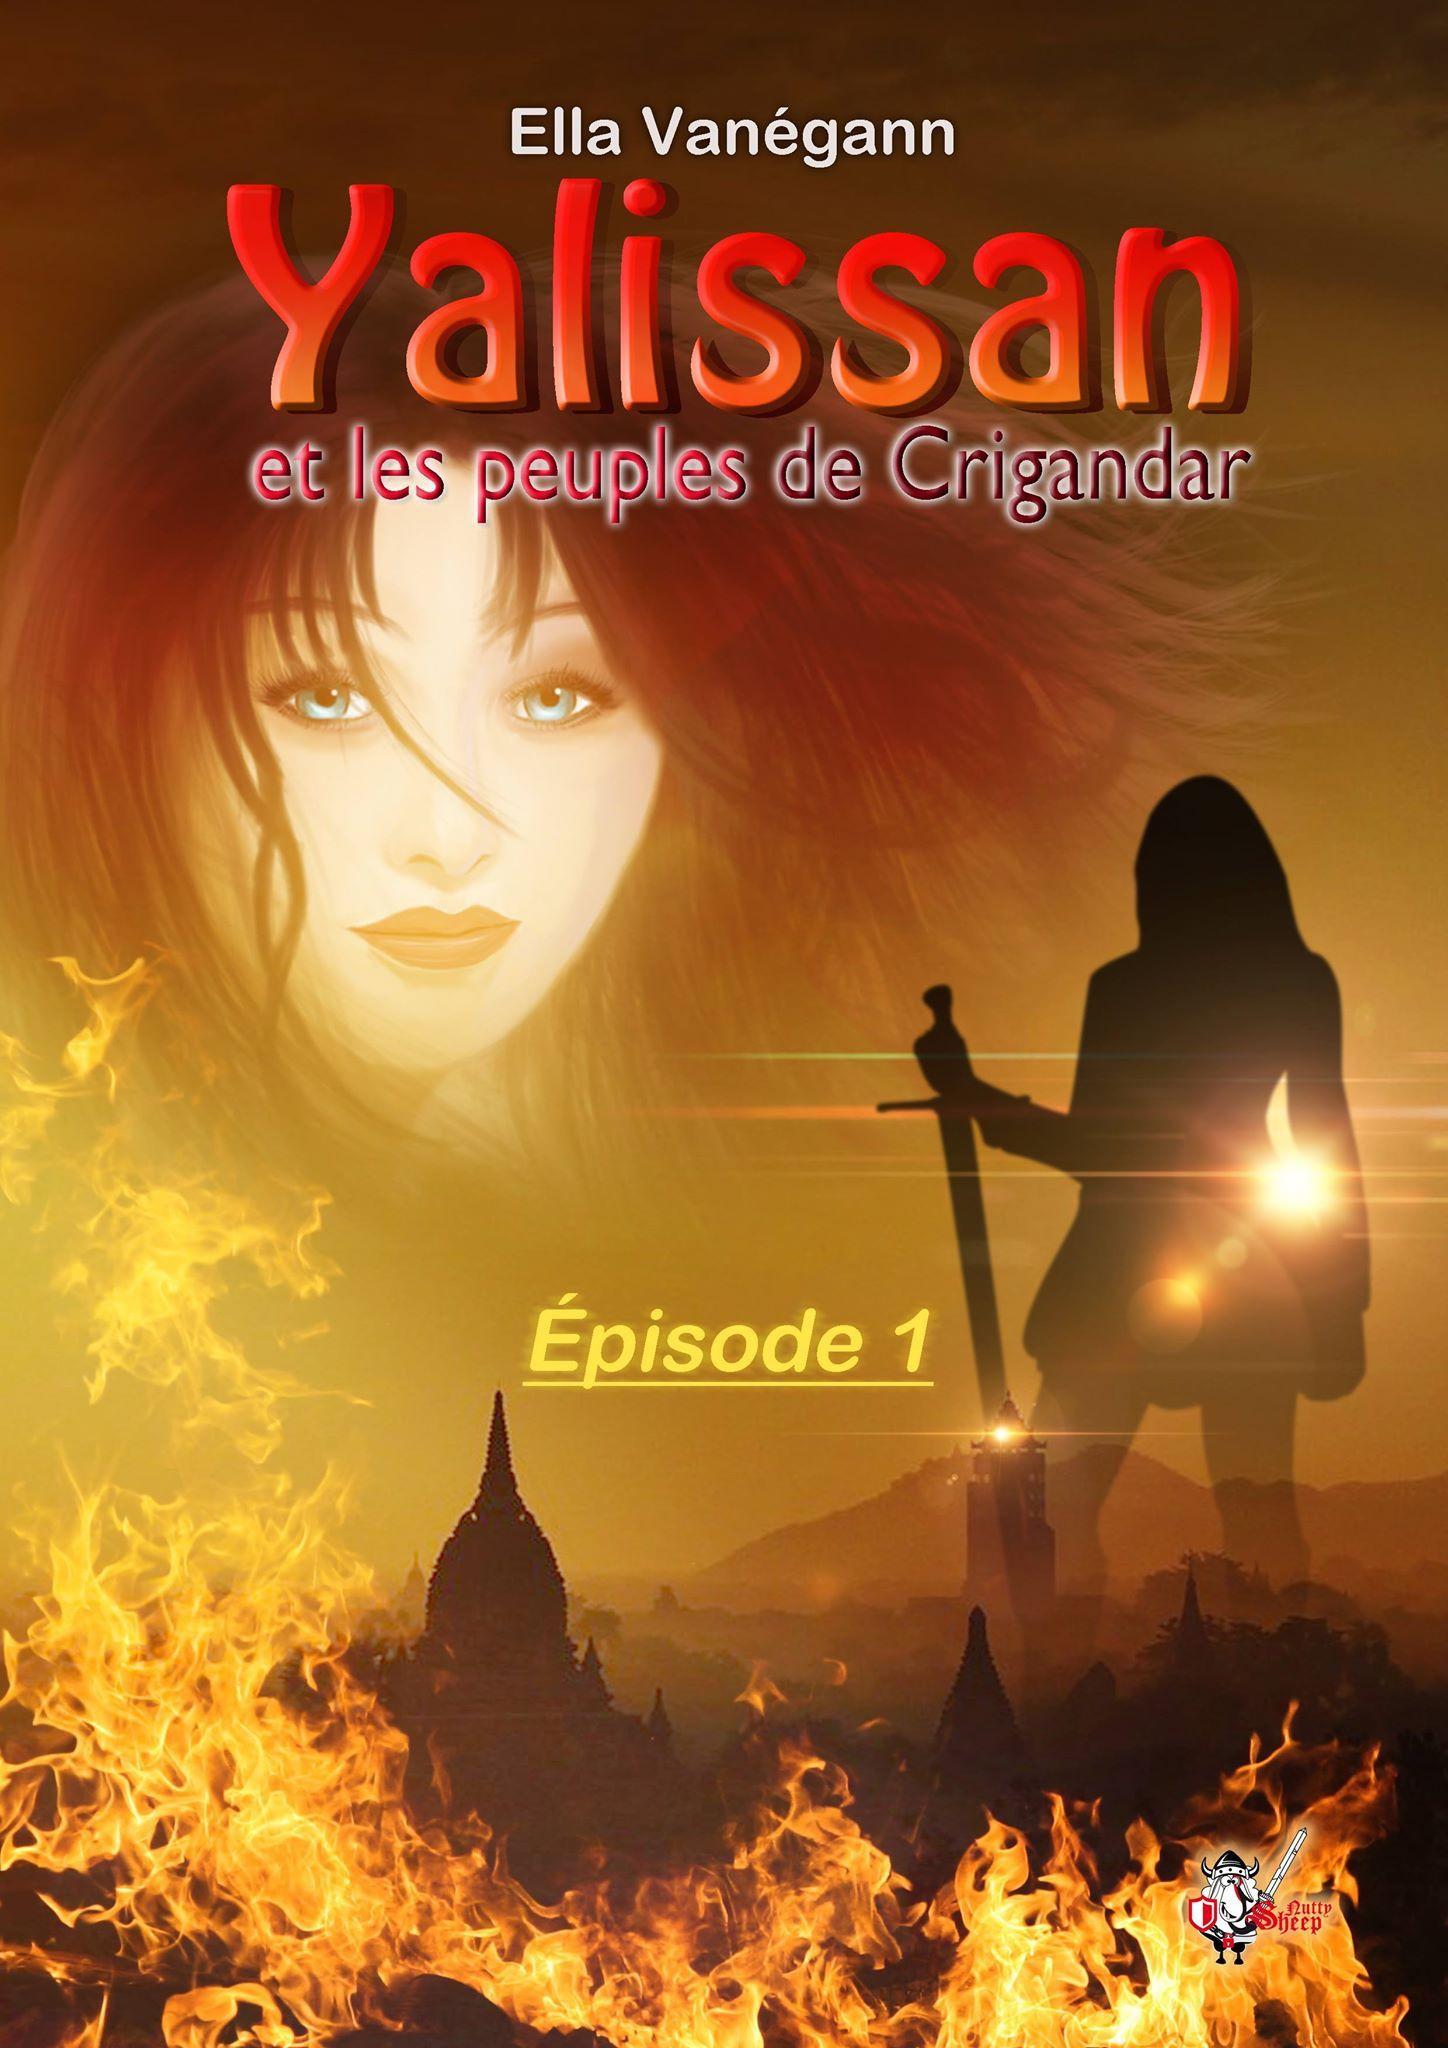 Yalissan et les peuples de Crigandar, épisode 1